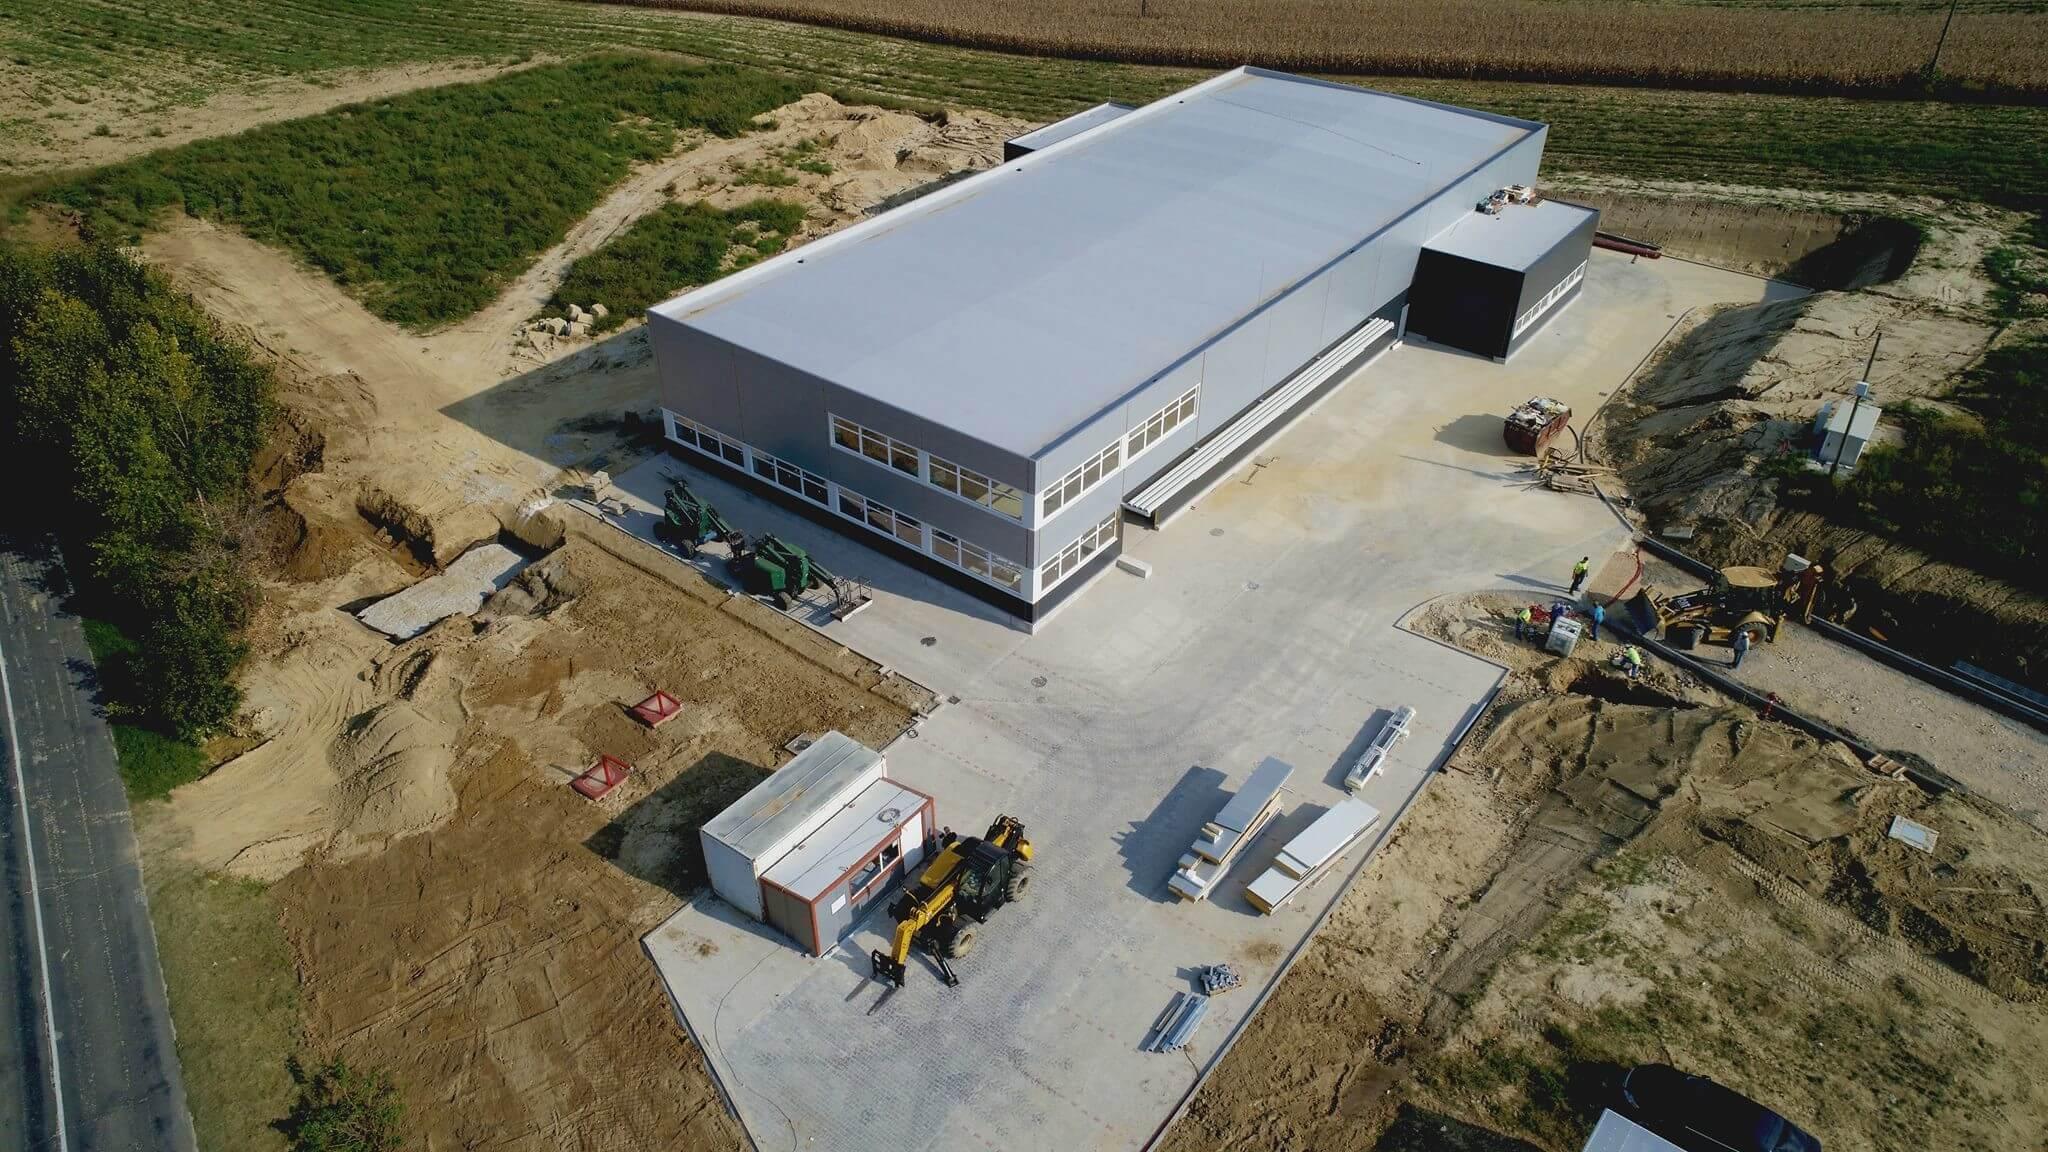 Új gyártóüzemet adtak át a Veszprém megyei Csetényben